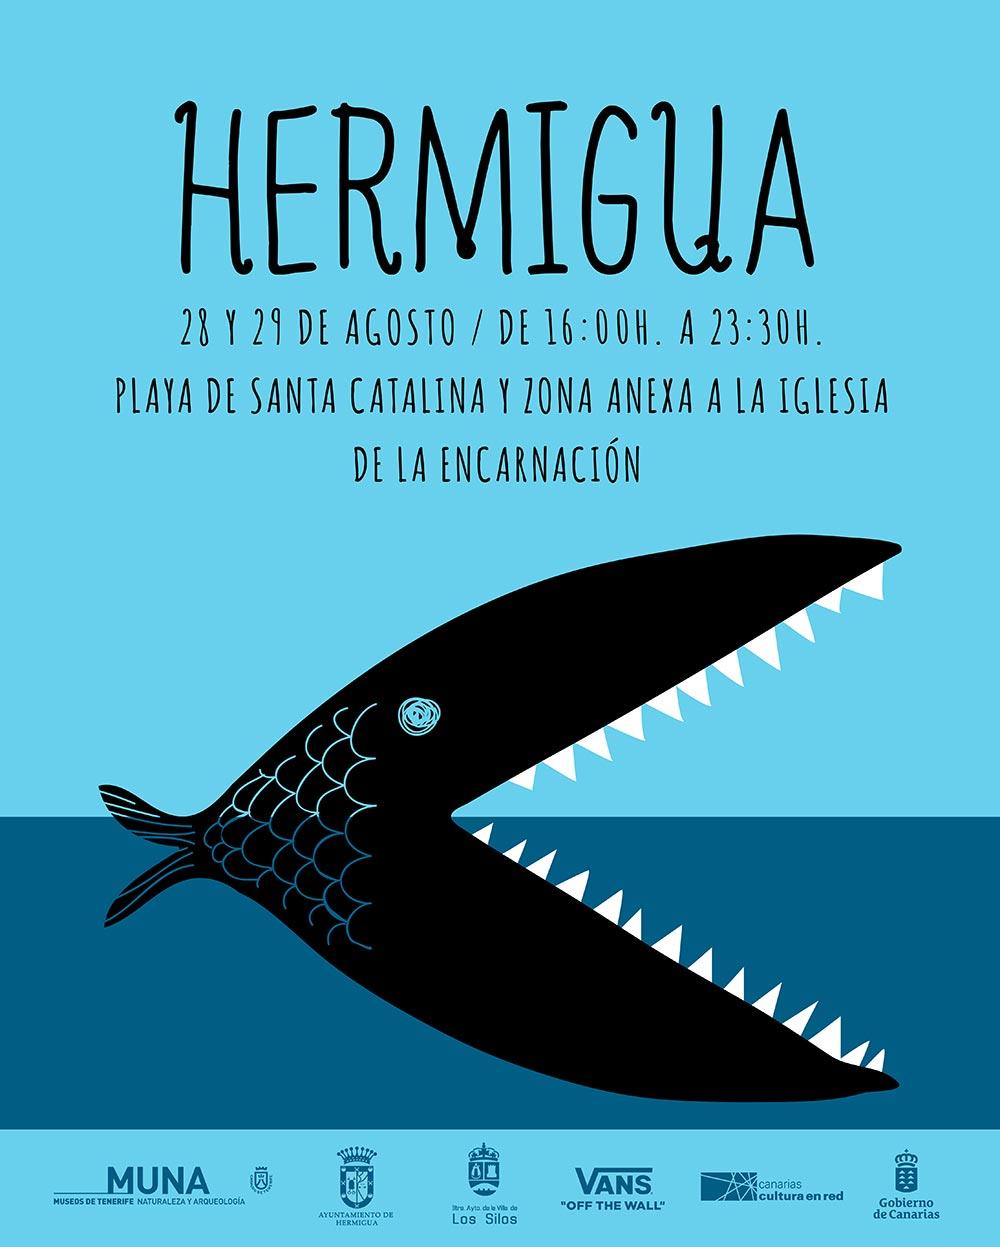 hermigua_v1